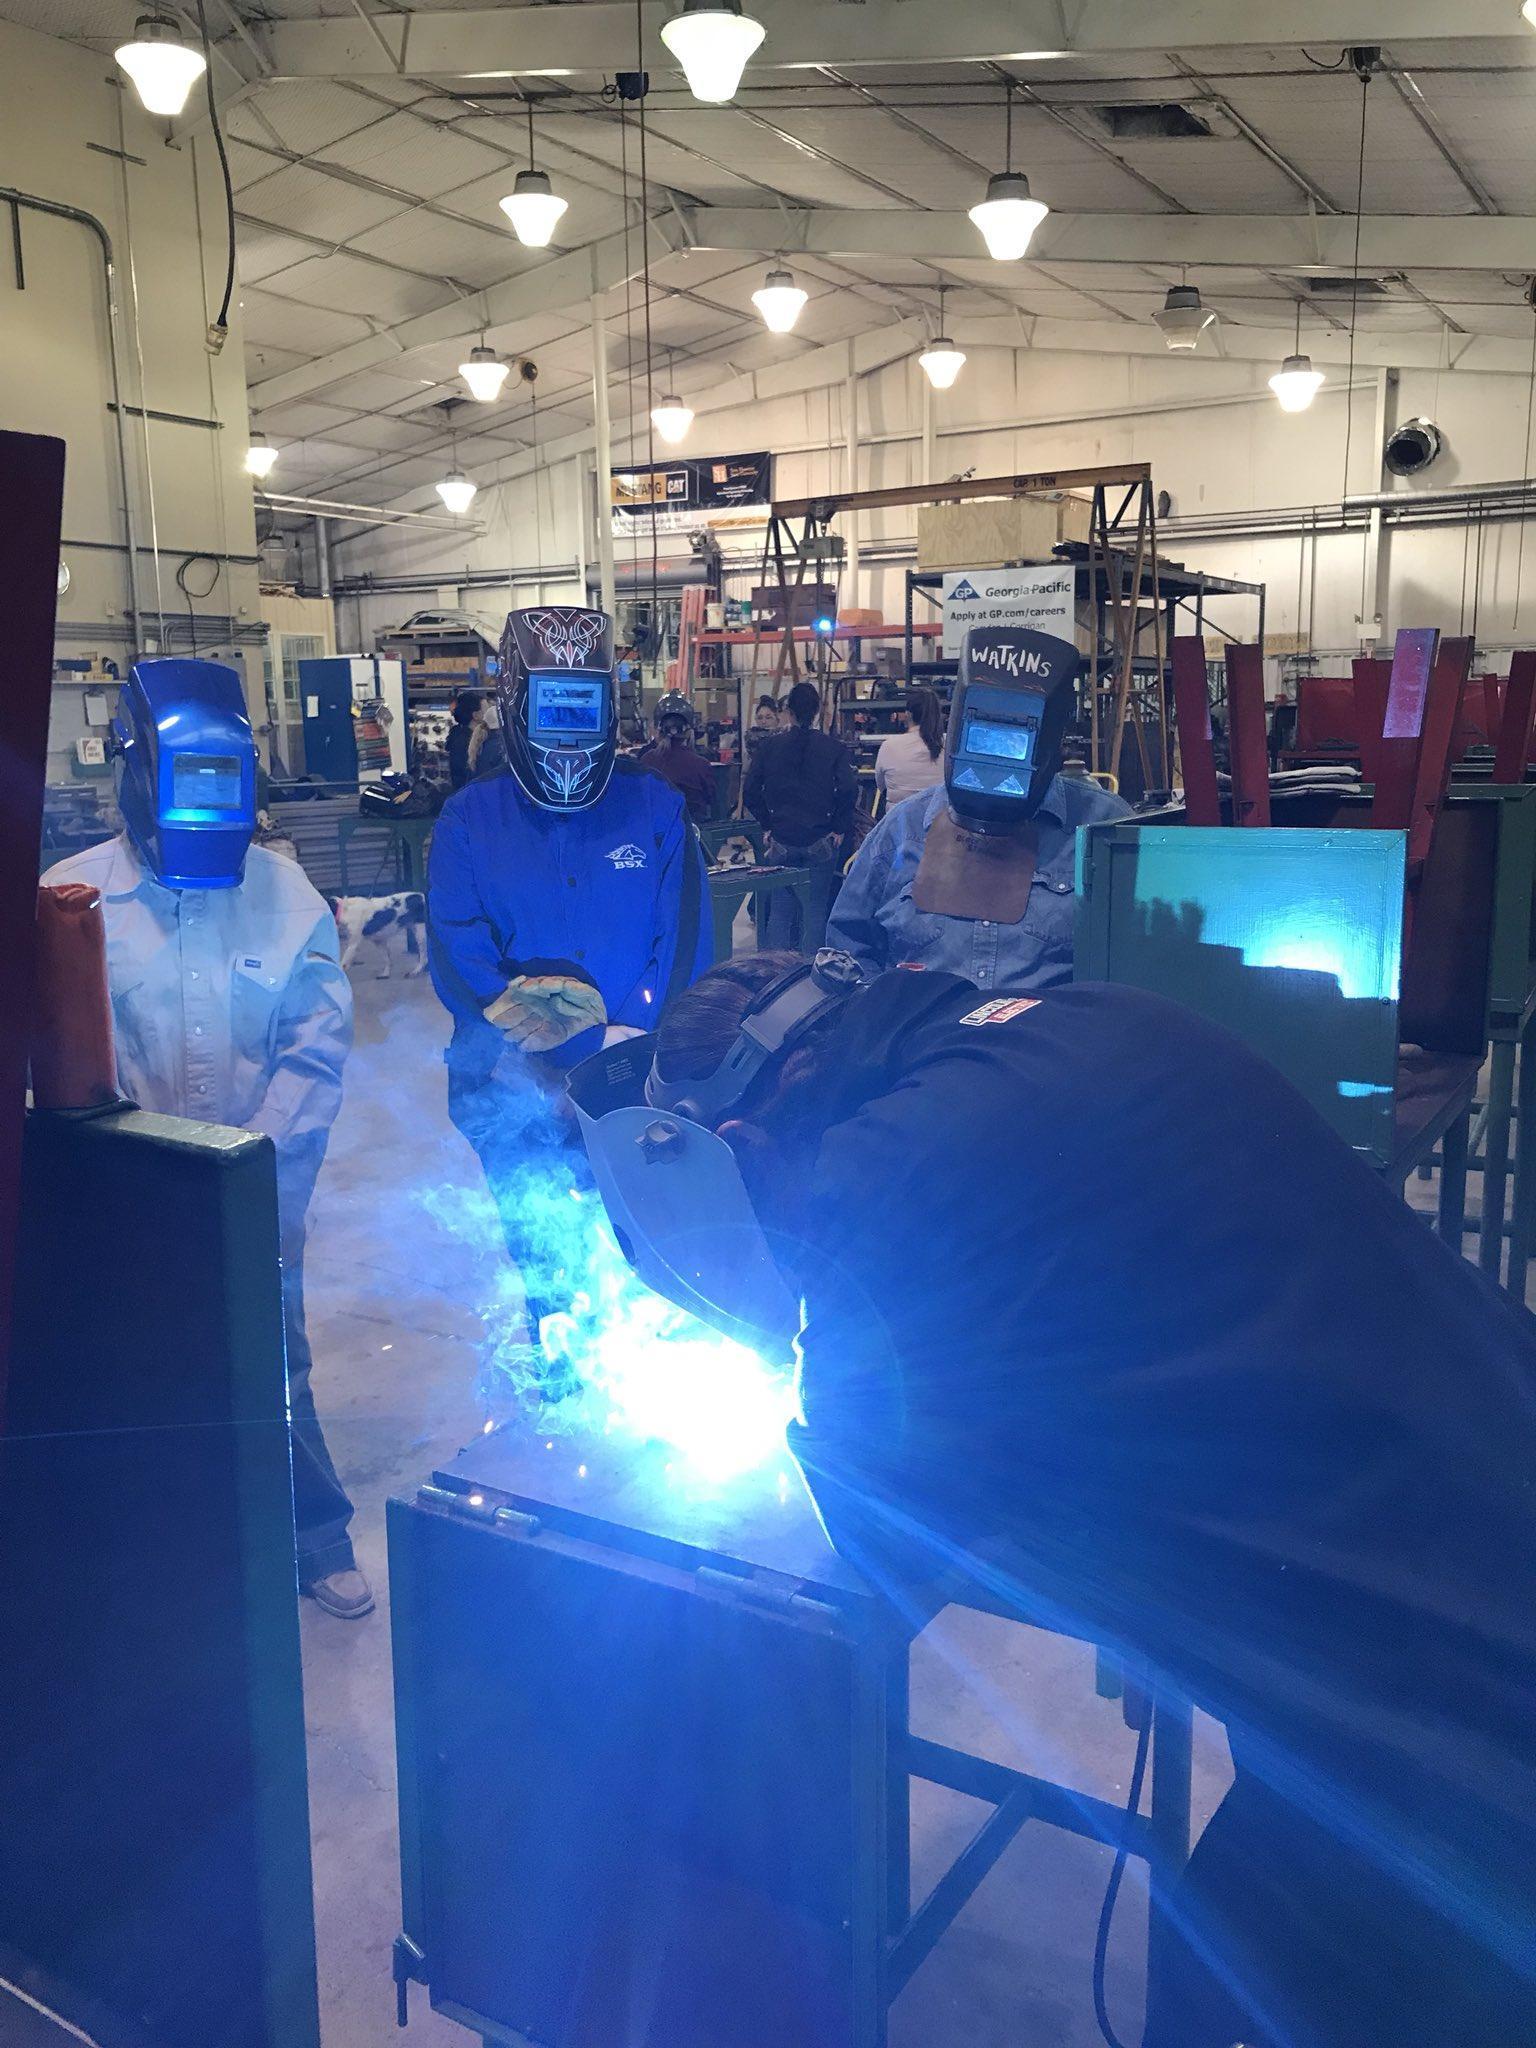 students welding wearing protective face helmet